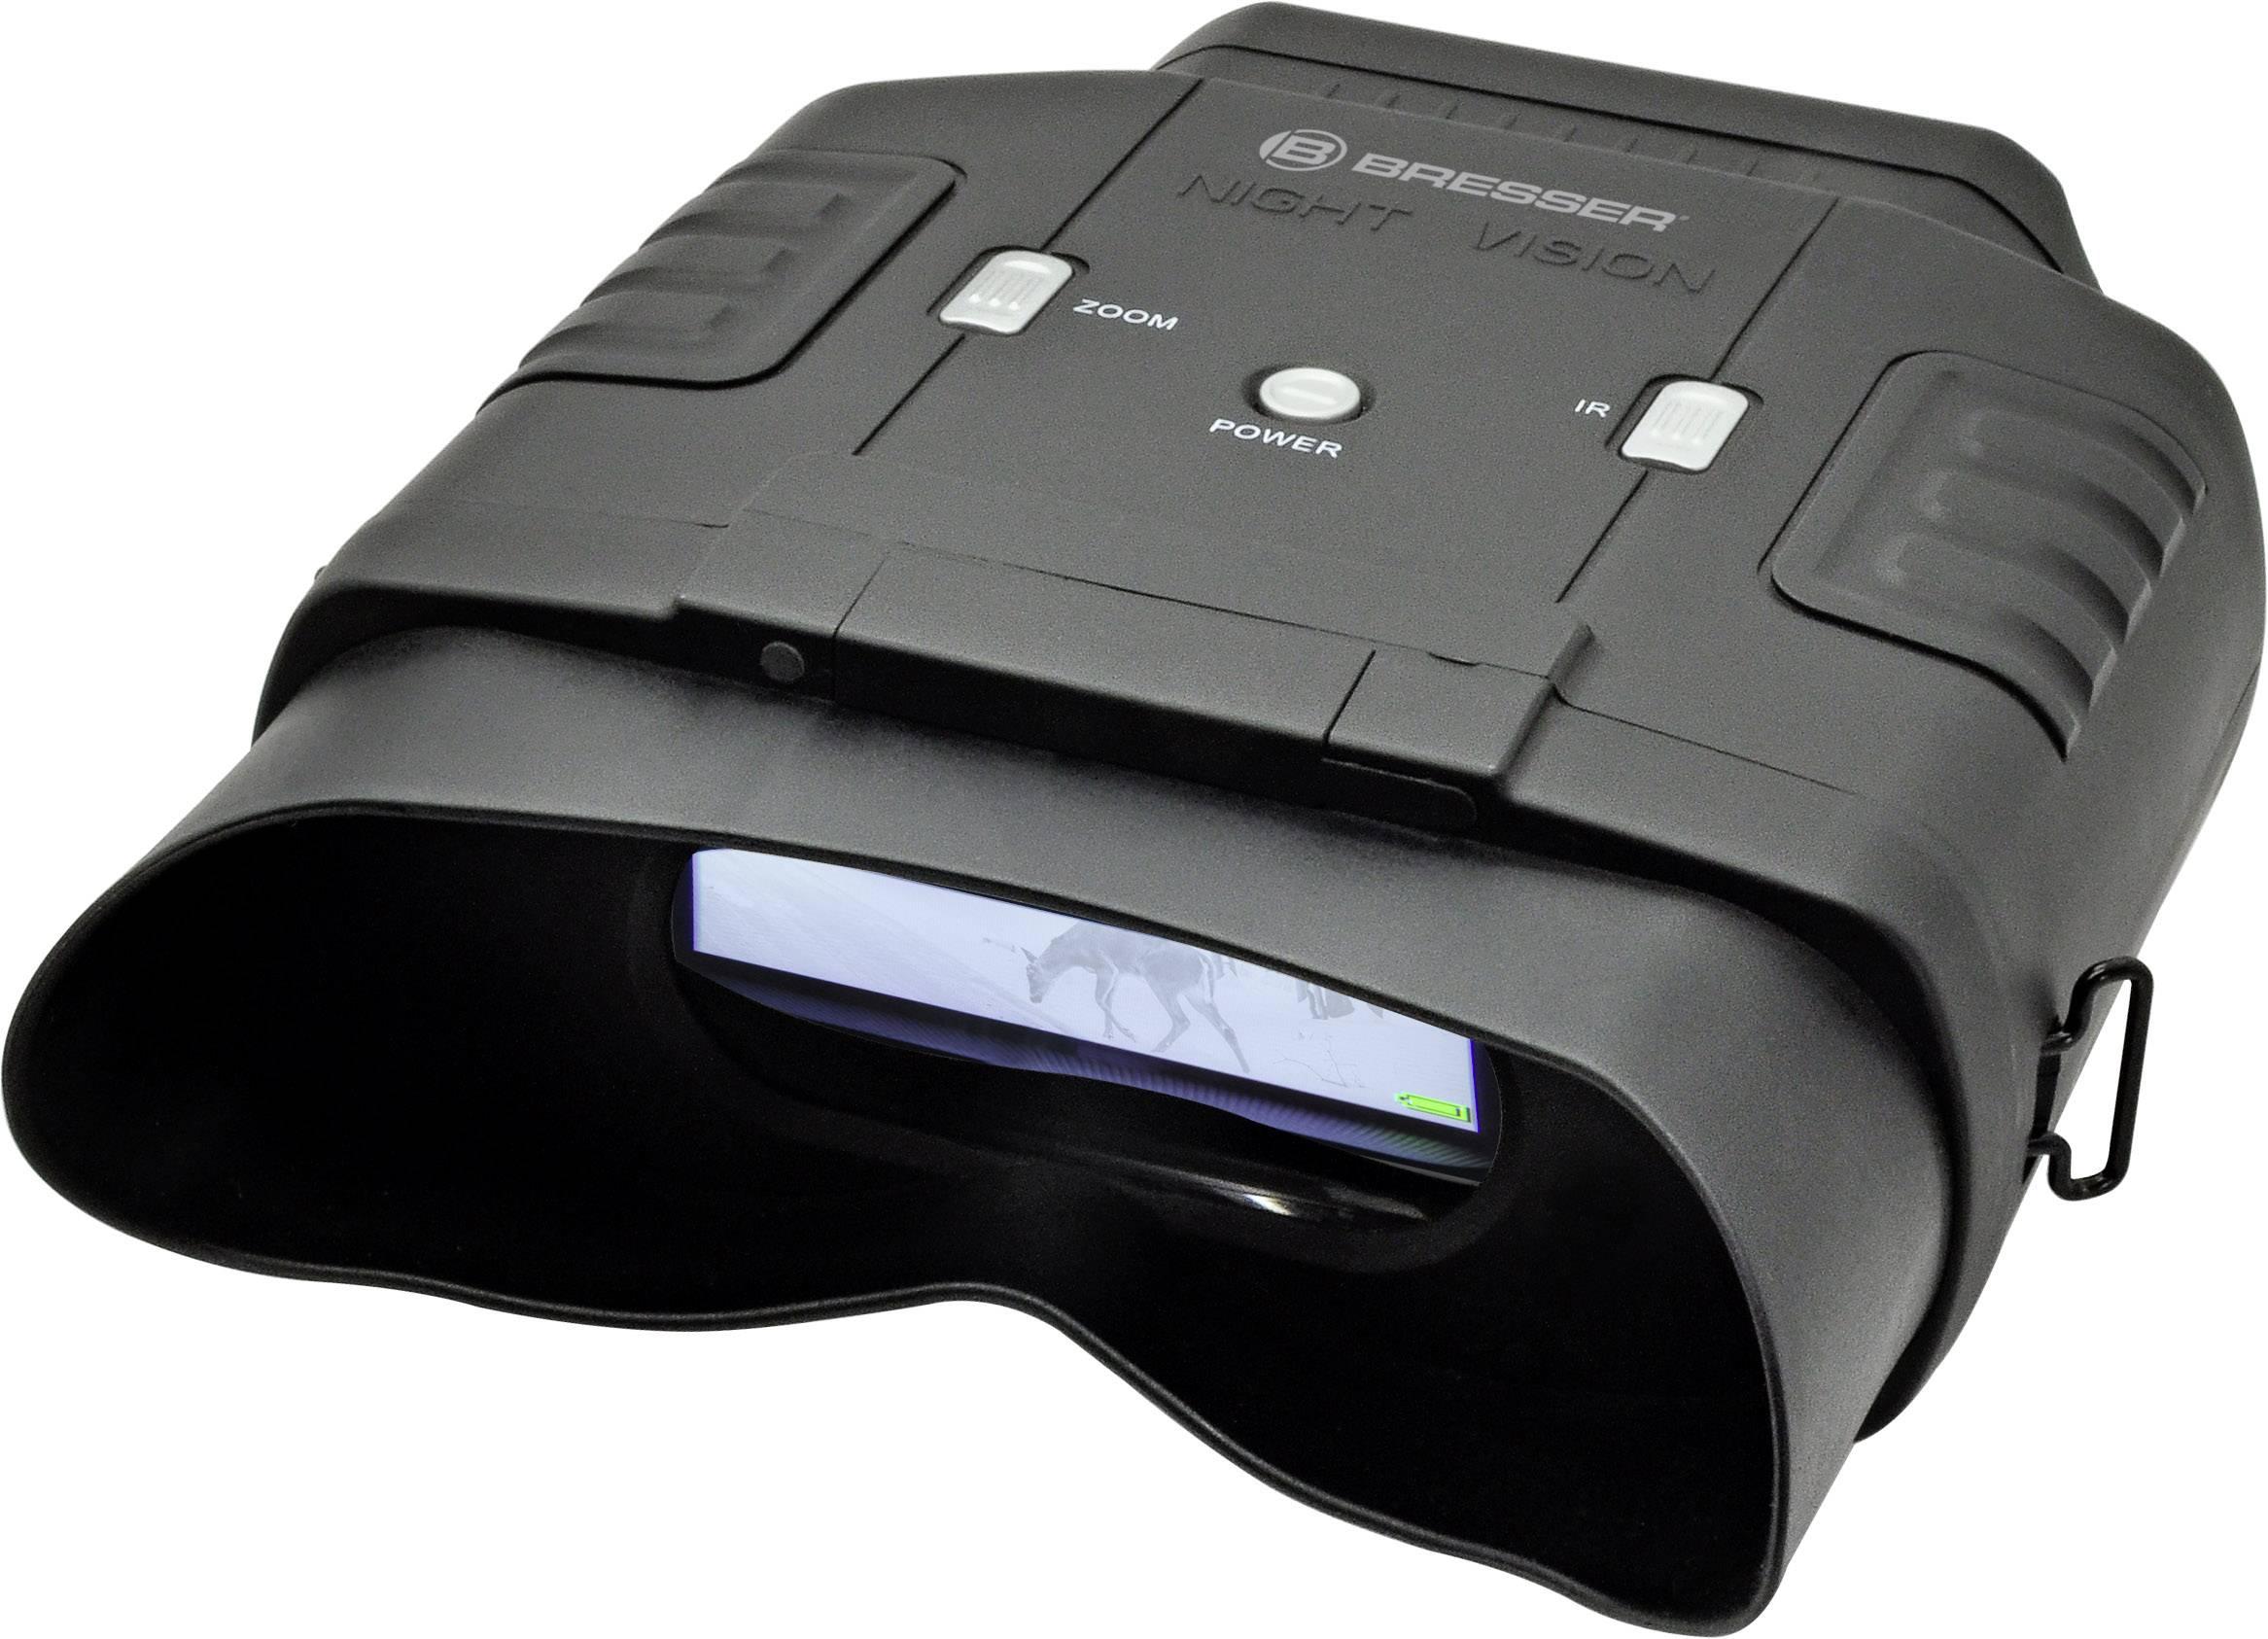 Laser Entfernungsmesser Nachtsichtgerät : Laser entfernungsmesser nachtsichtgerät: zavarius infrarot kamera